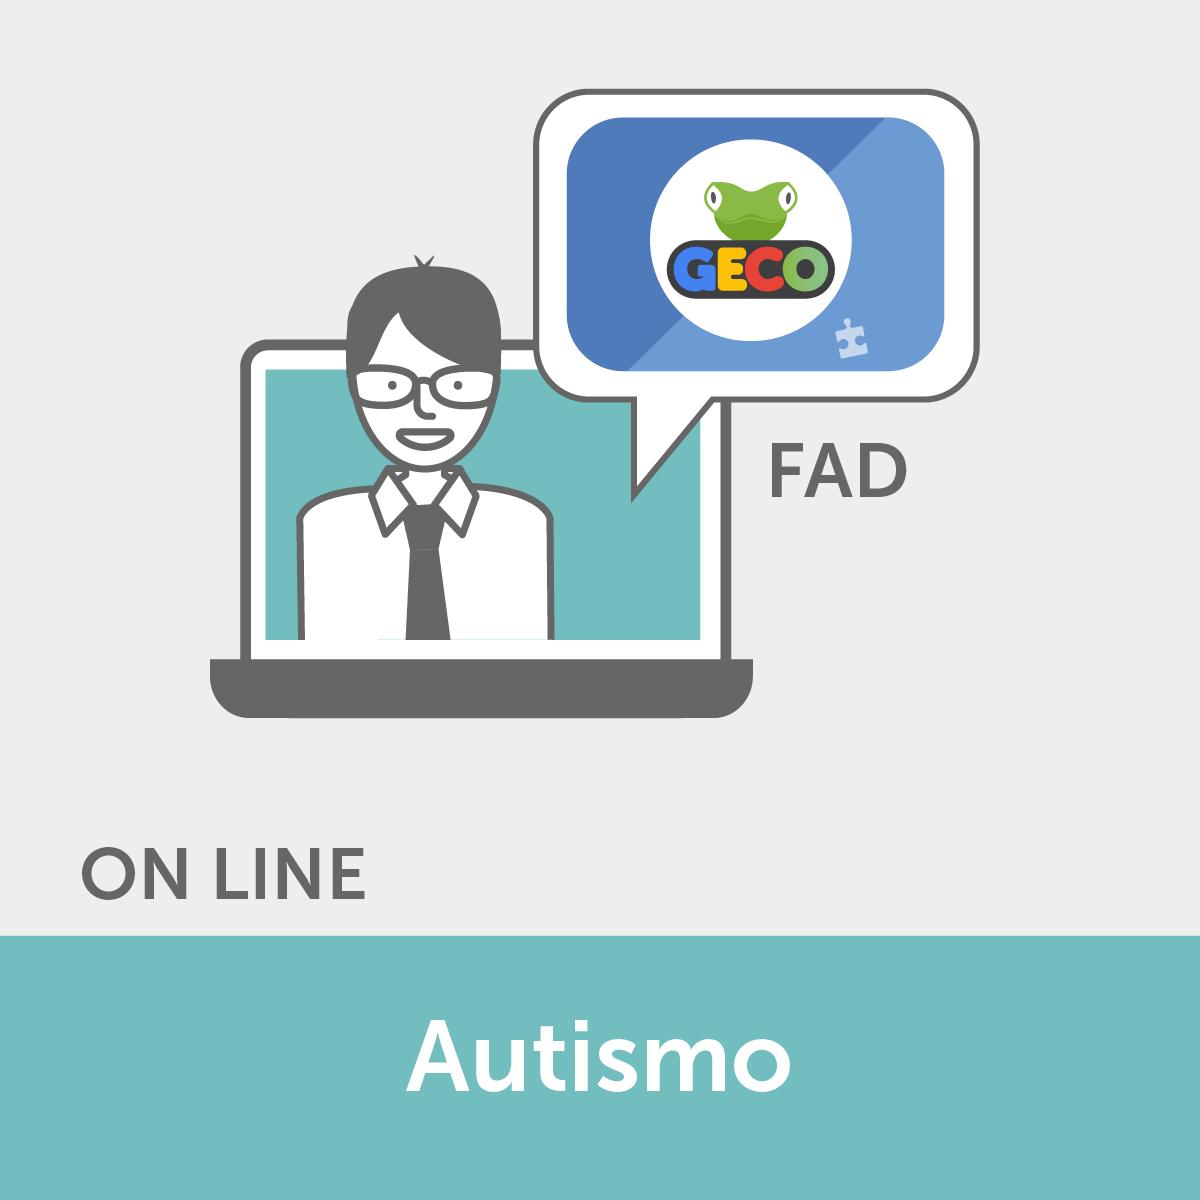 FAD - Spettro autistico, tecnologia e apprendimenti